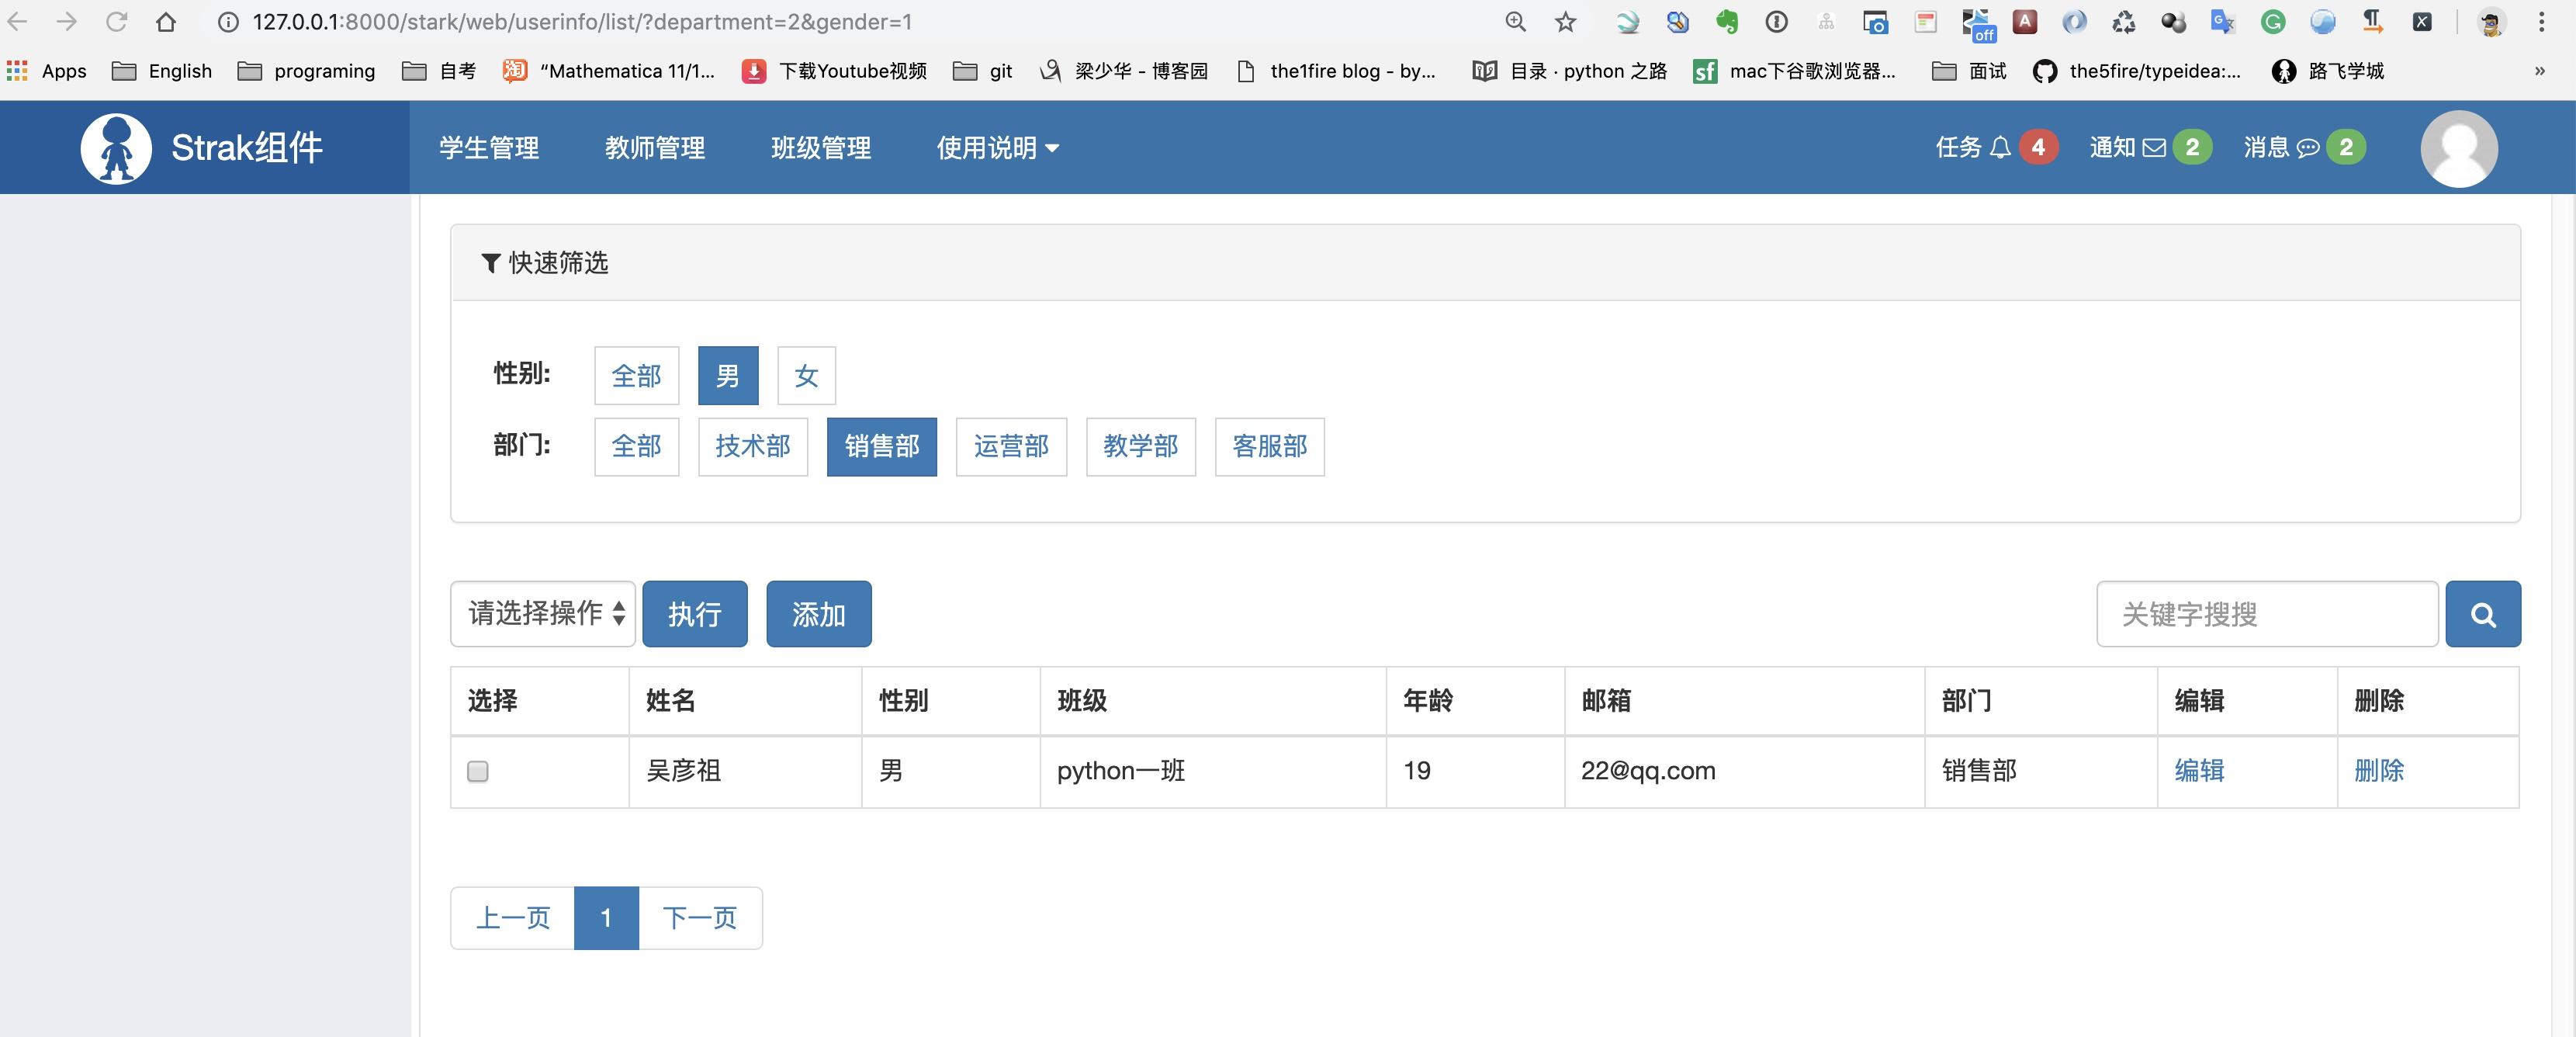 stark组件(11):组合搜索- 豌豆ip代理